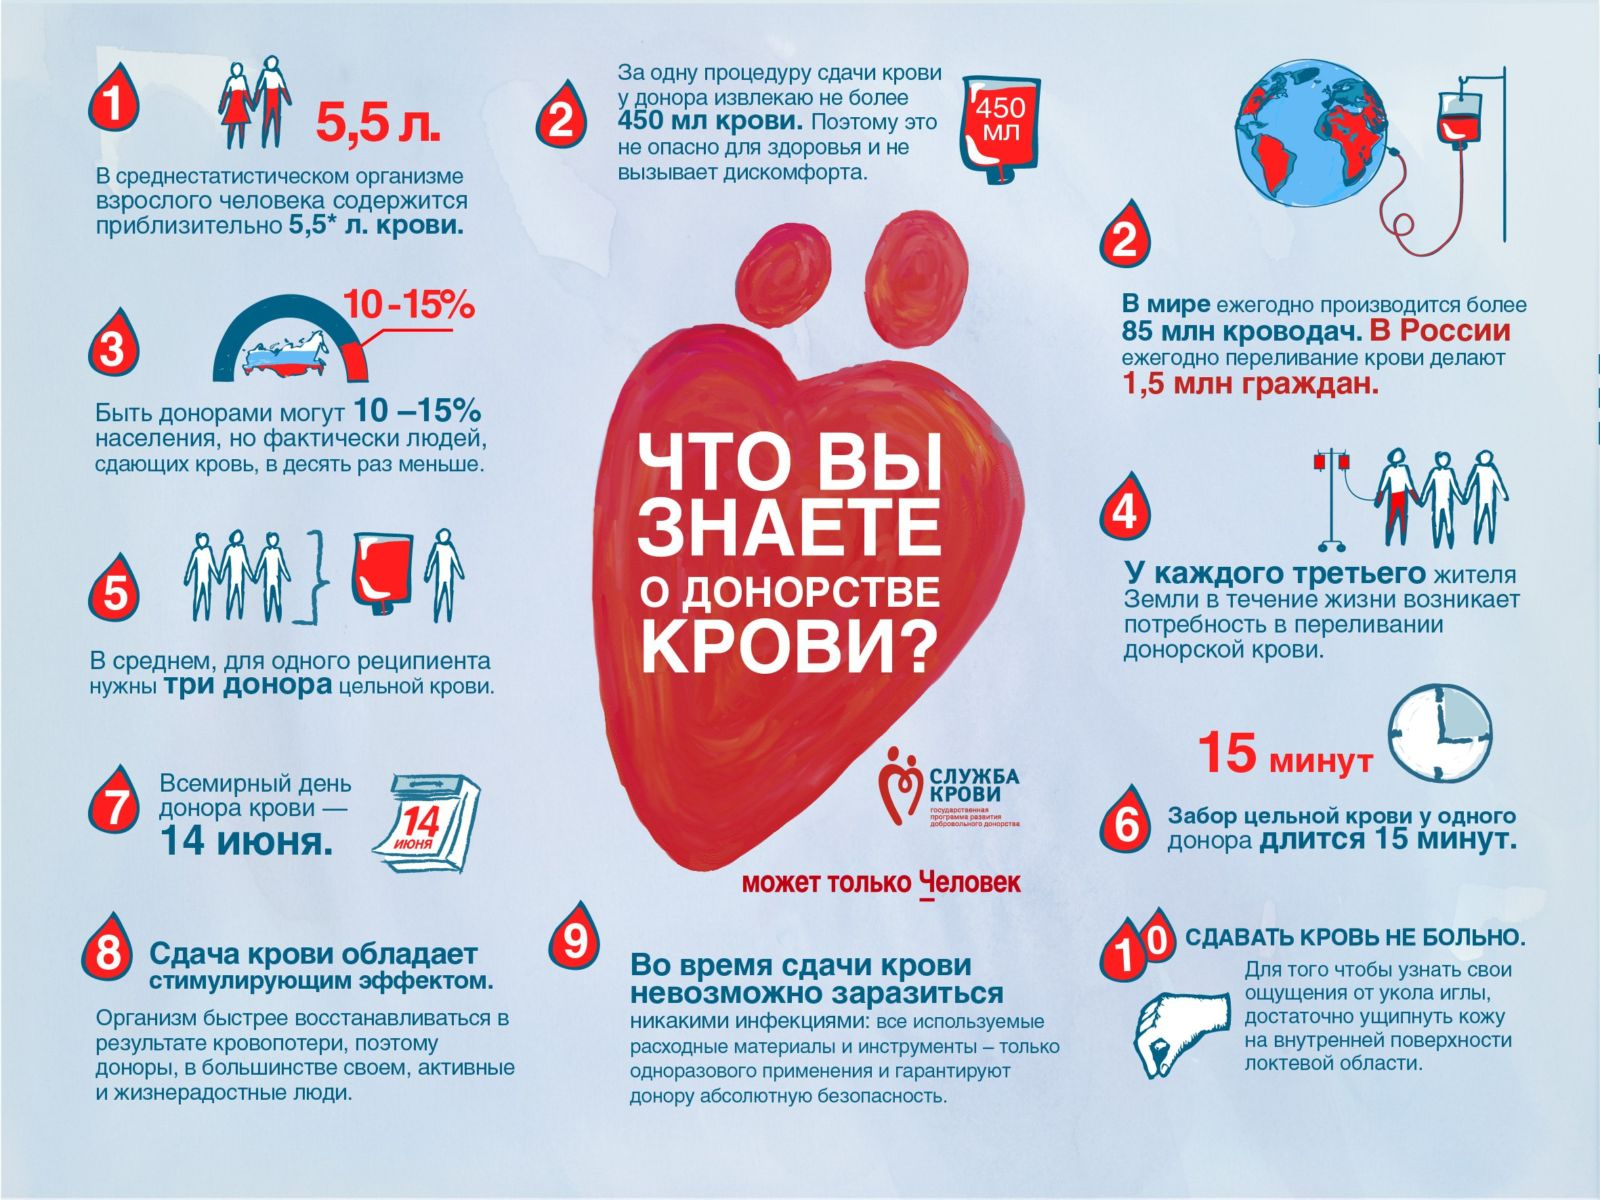 Можно ли сдавать кровь при гипертонии?